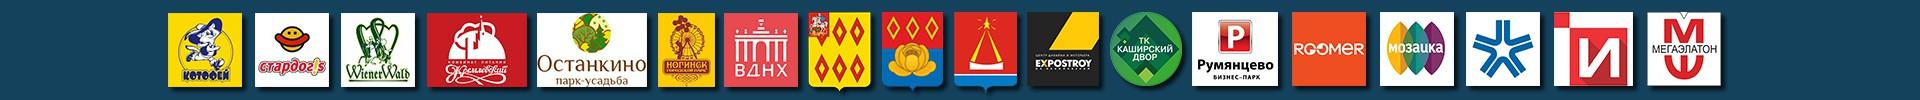 Партнеры и клиенты дизайнера Константина Паевского